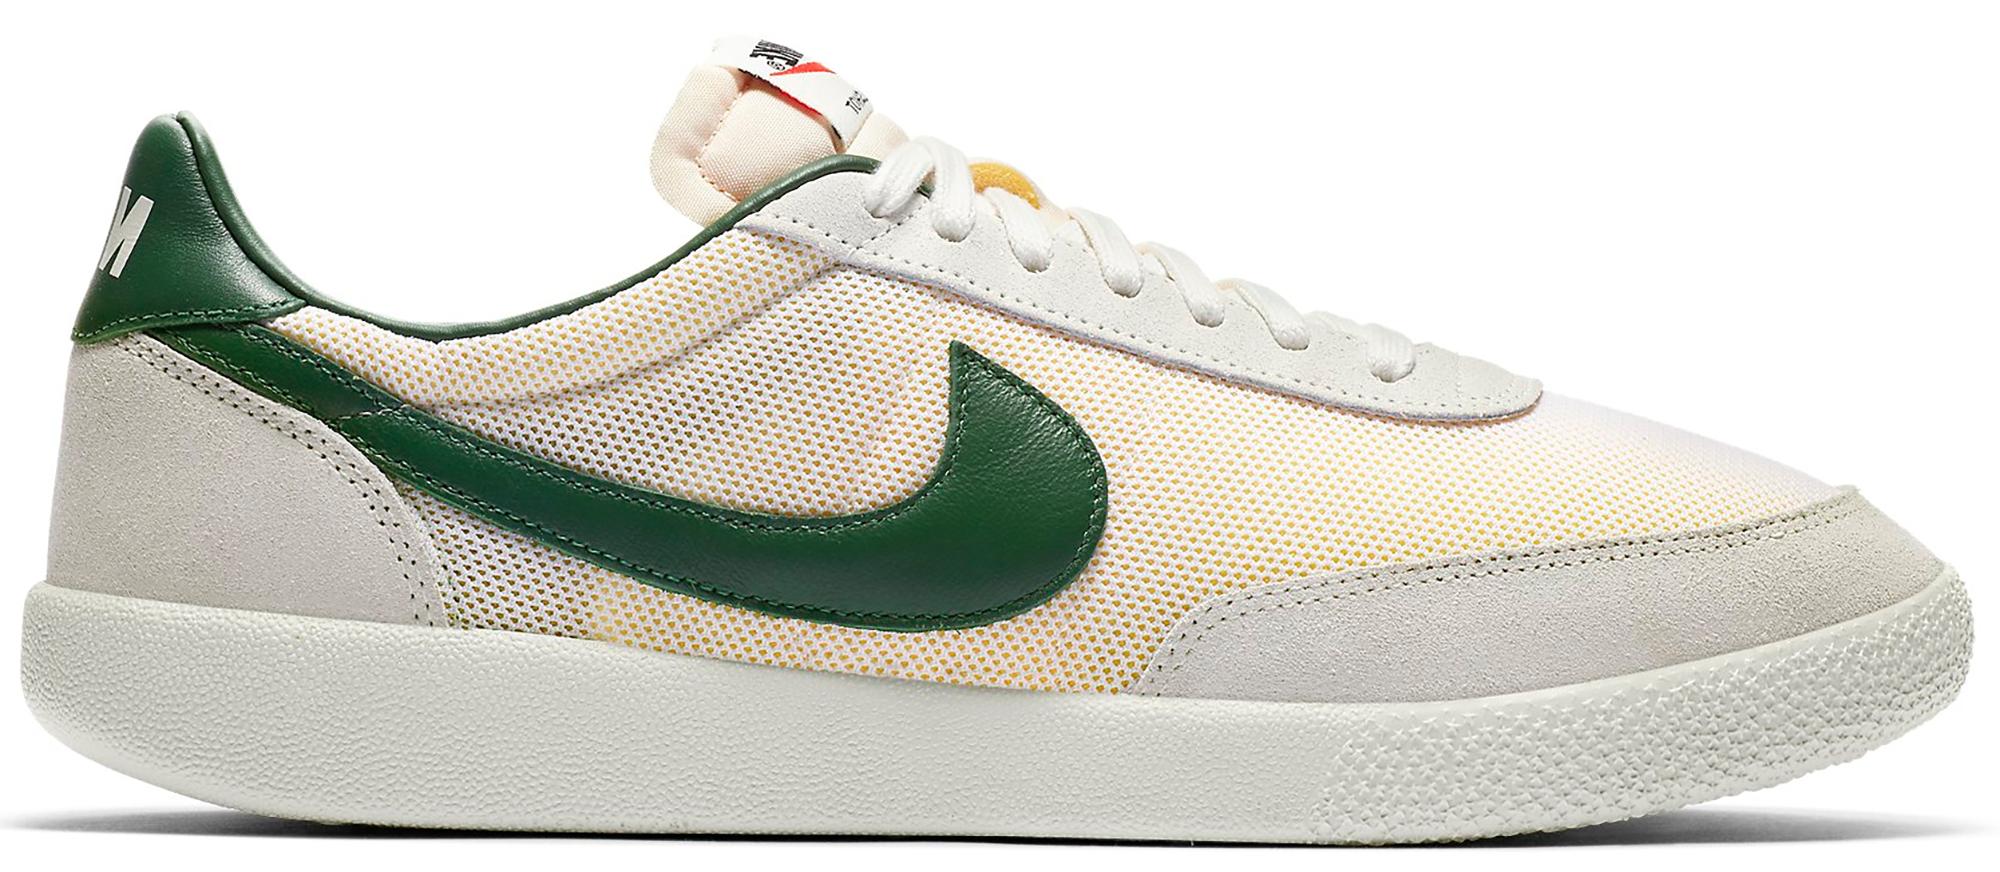 Nike Killshot OG Sail Gorge Green